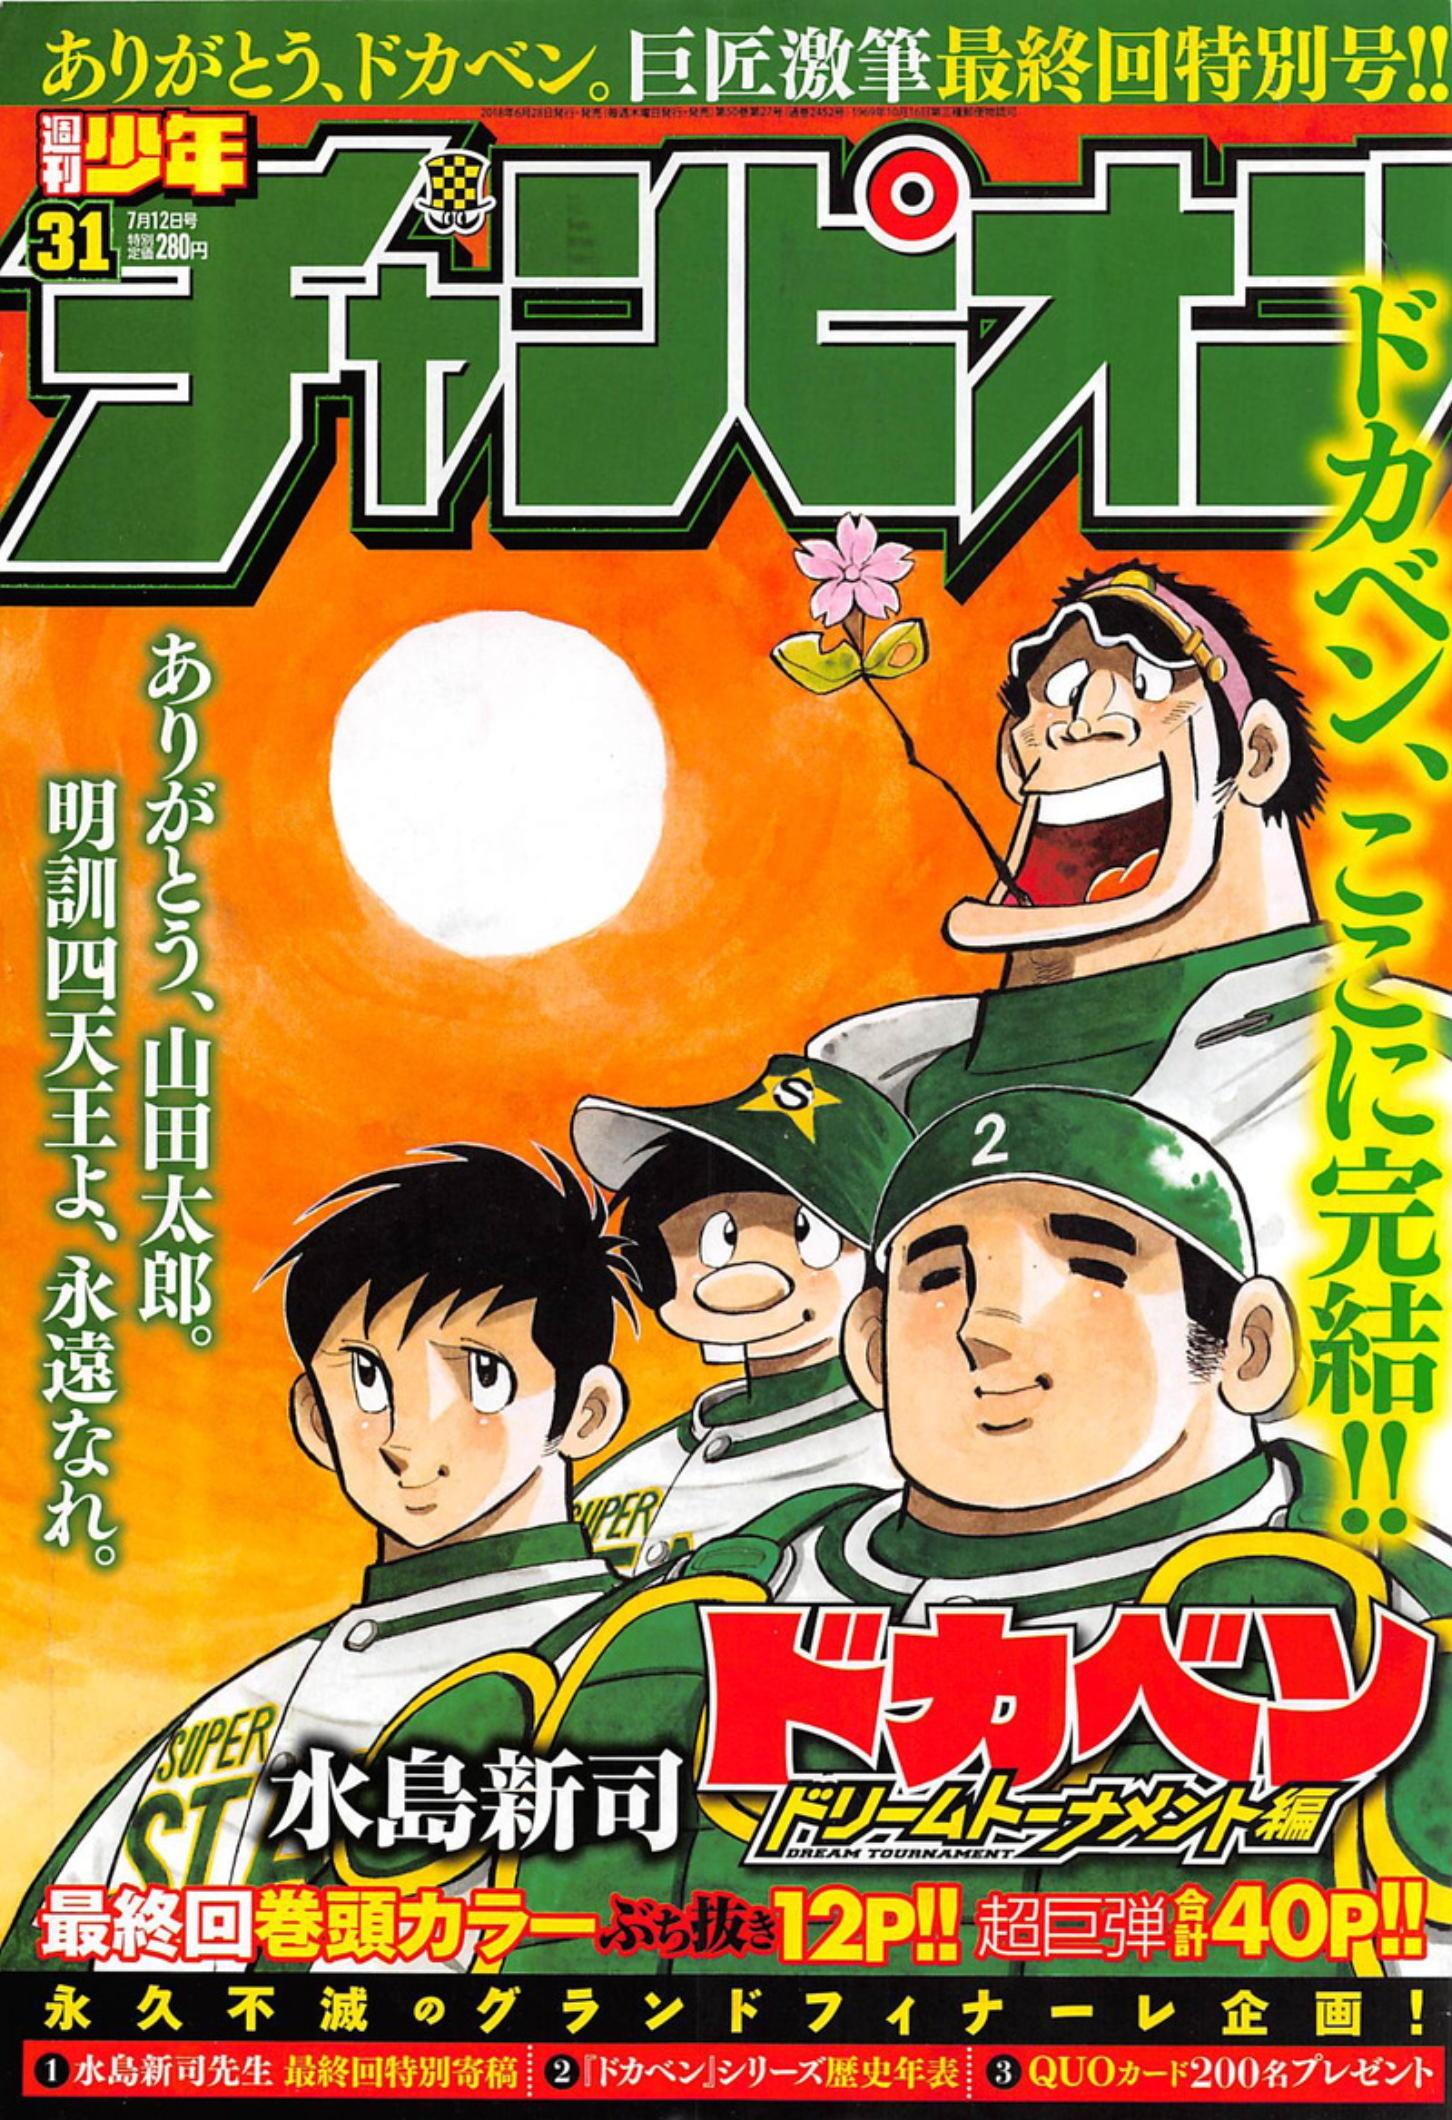 Shukan-Shonen-Champion